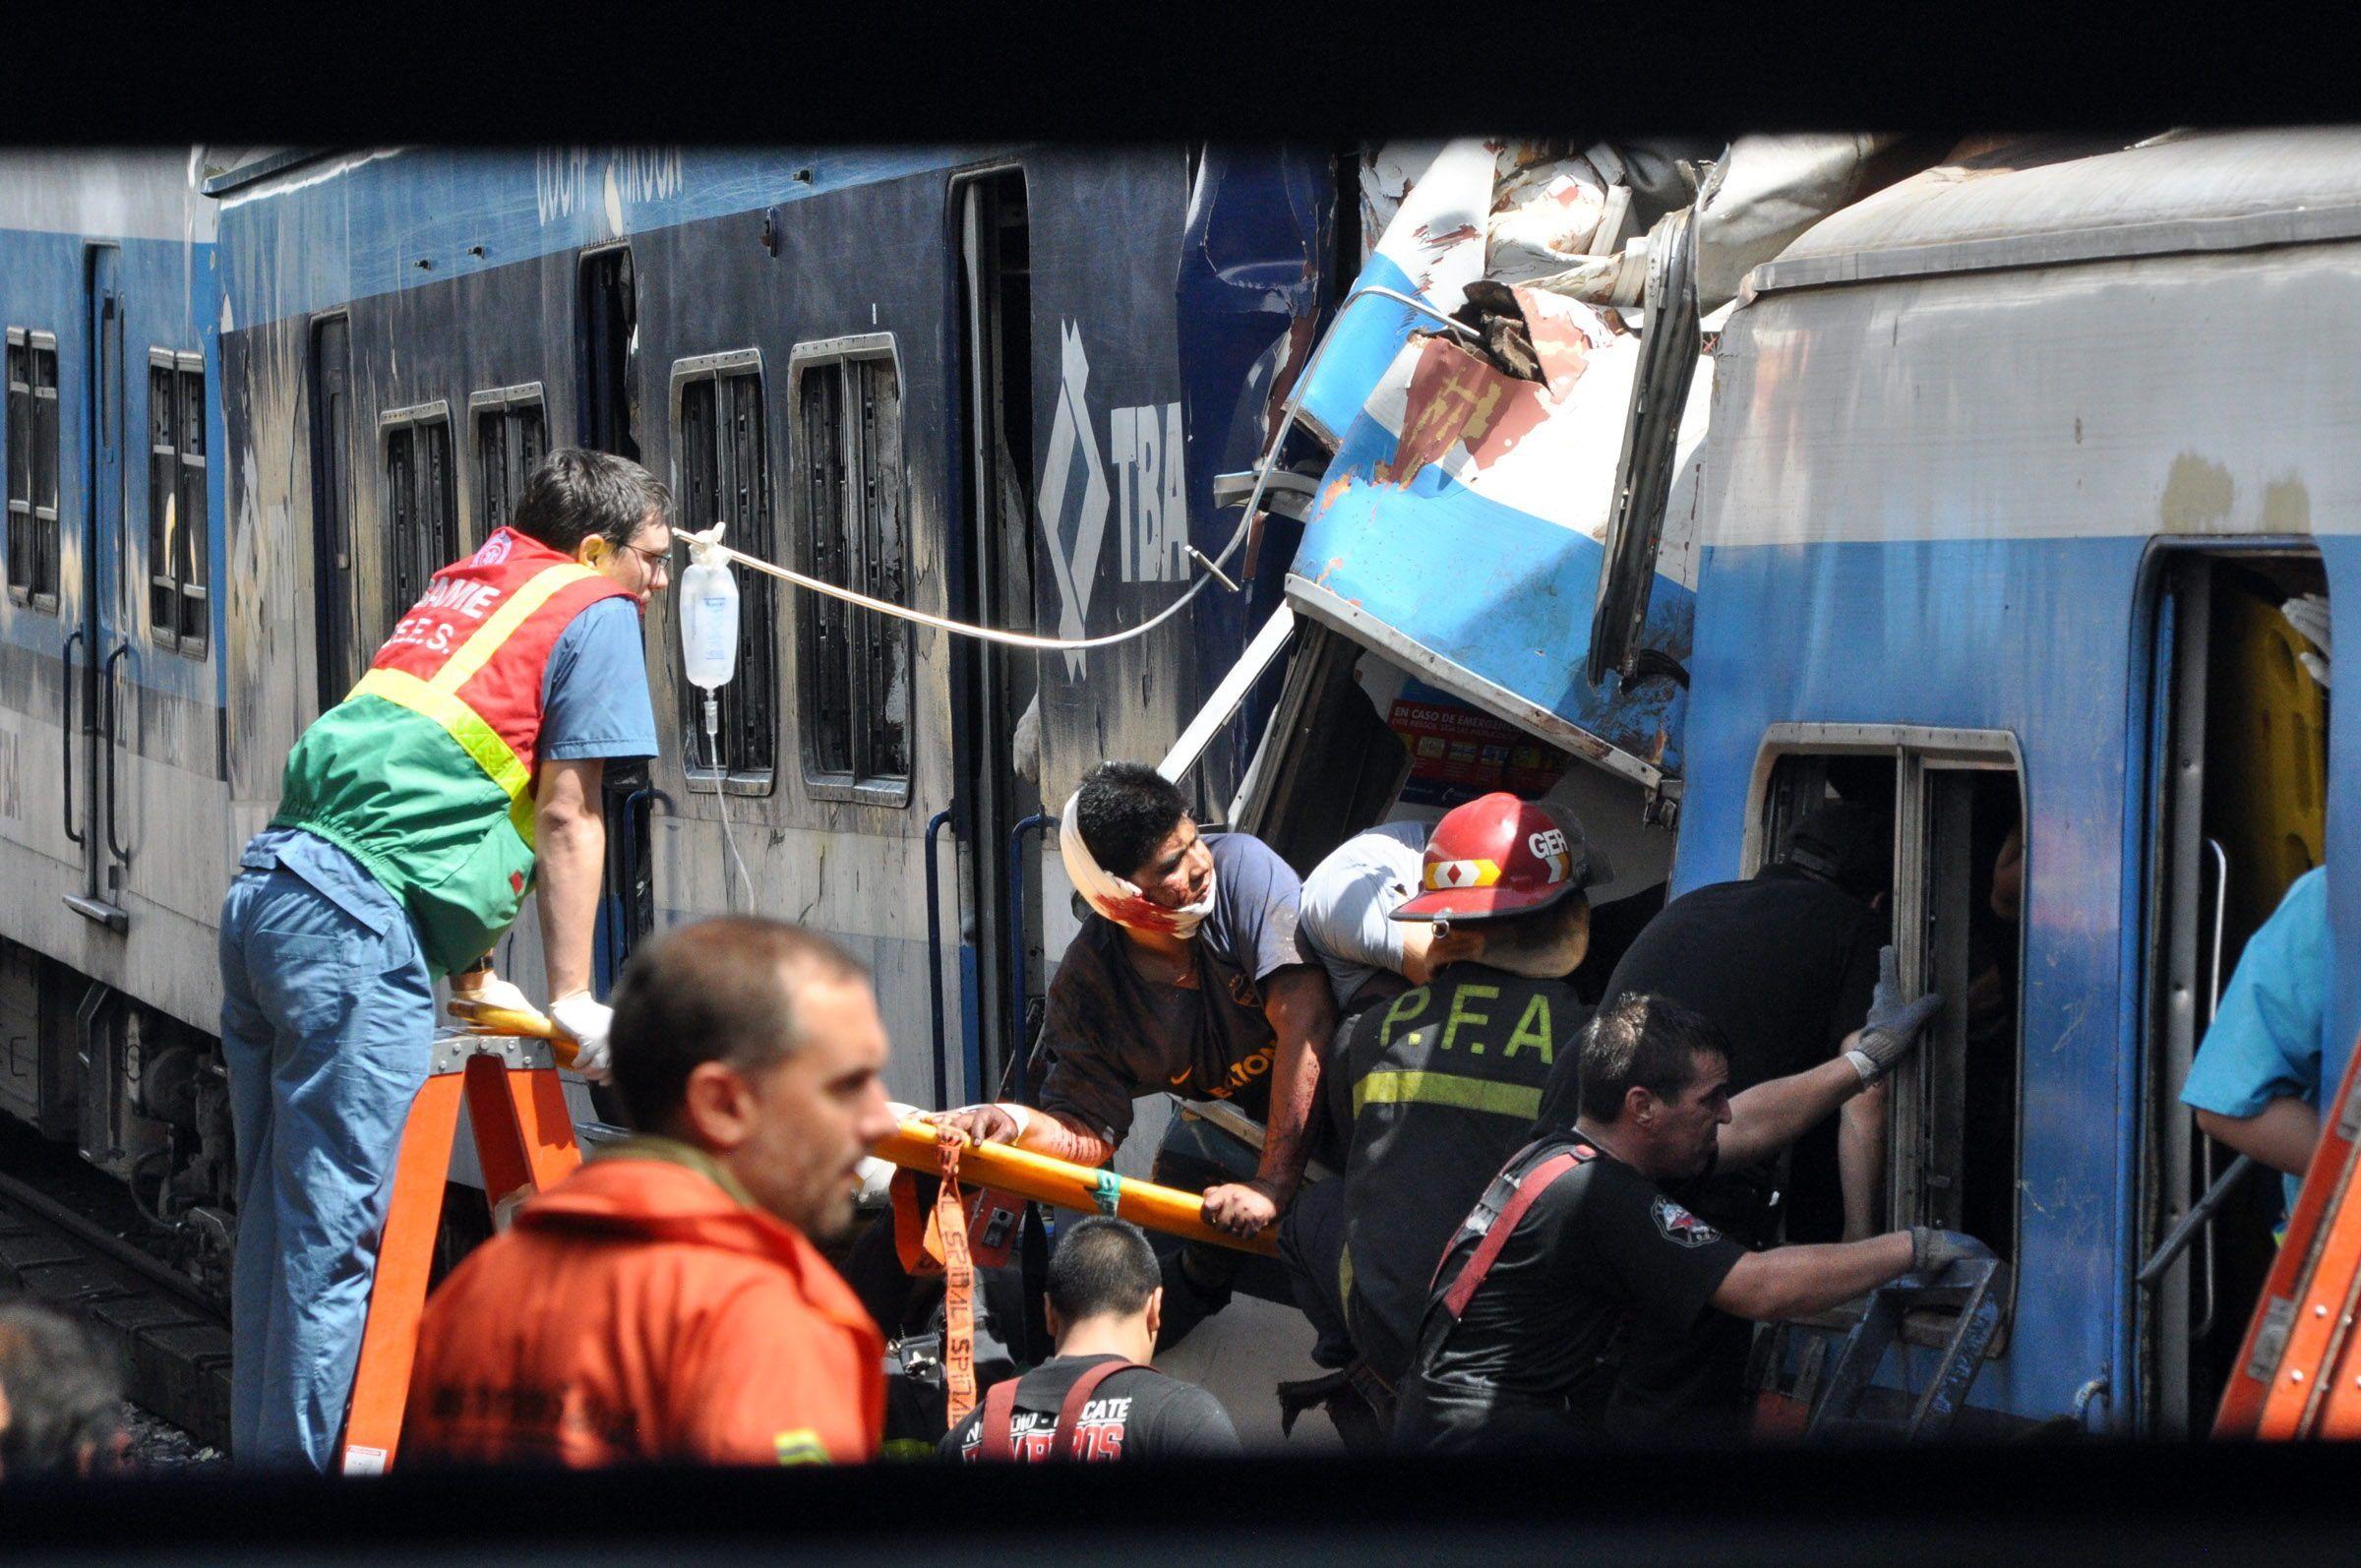 """La """"Tragedia de Once"""", el peor accidente ferroviario de Argentina, sucedió el 22 de febrero de 2012. EFE/Martín Quintana/Archivo"""